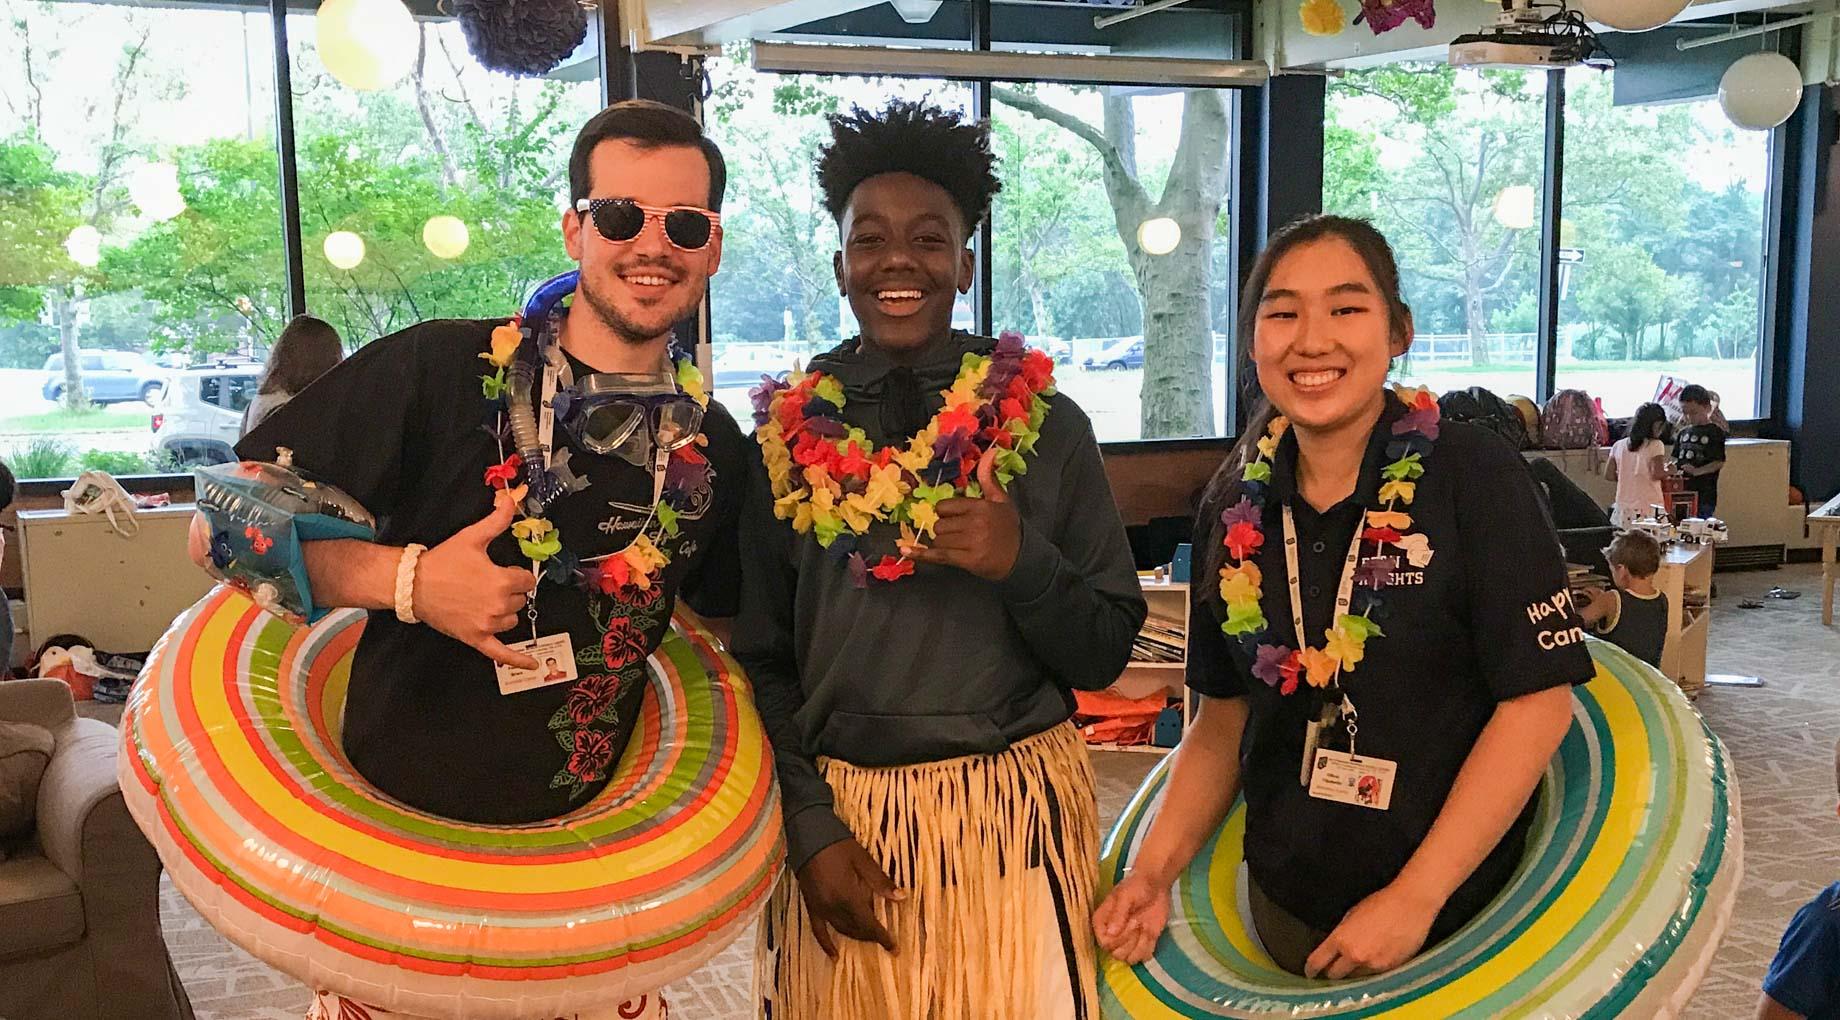 Three staff wearing Hawaiian outfits